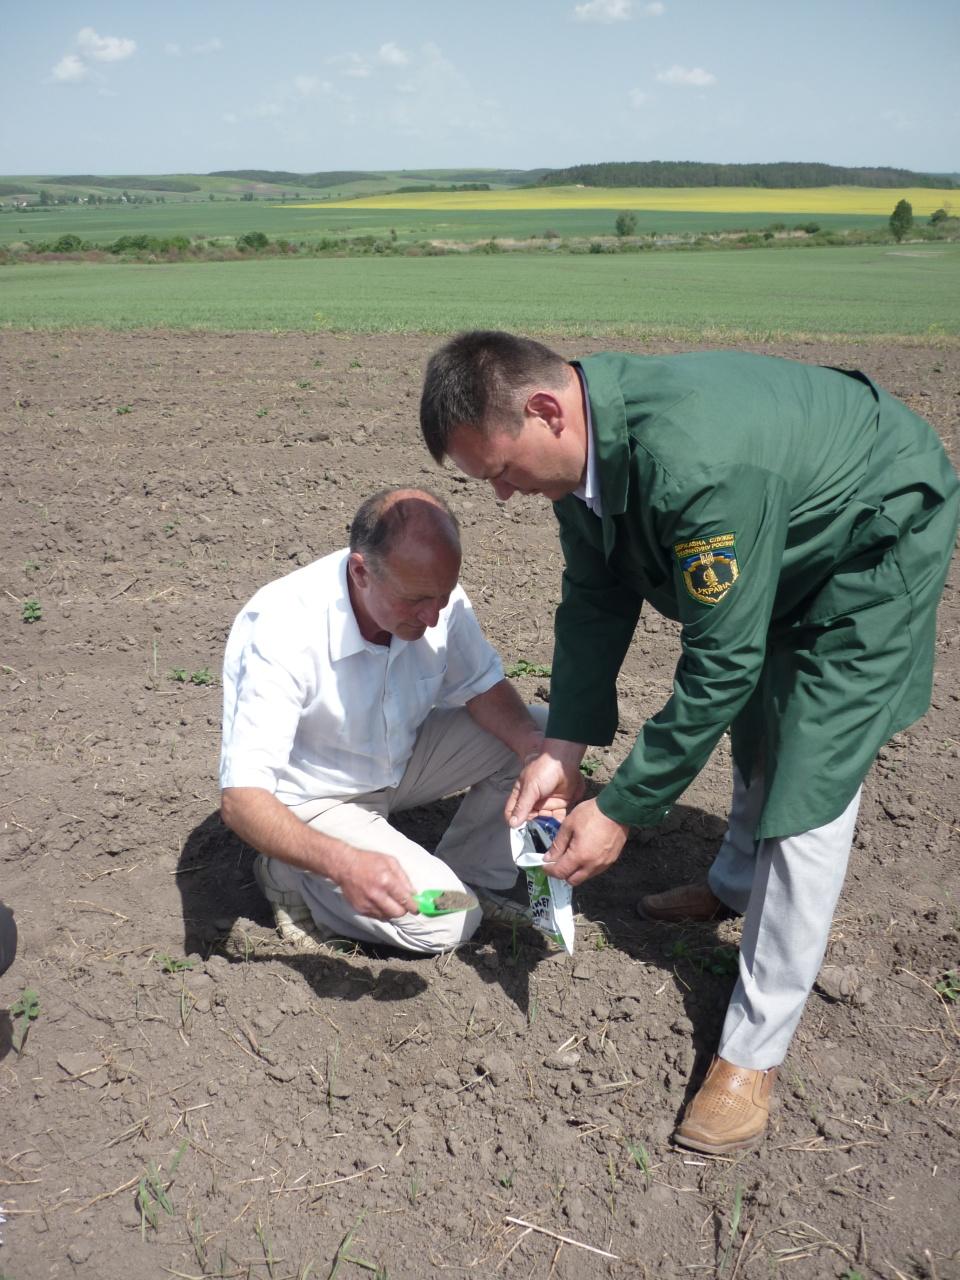 Провідний фахівець-агроном відділу фітосанітарних процедур Діденко В.С. при обстеженні посадок картоплі на виявлення золотистої картопляної нематоди та раку картоплі